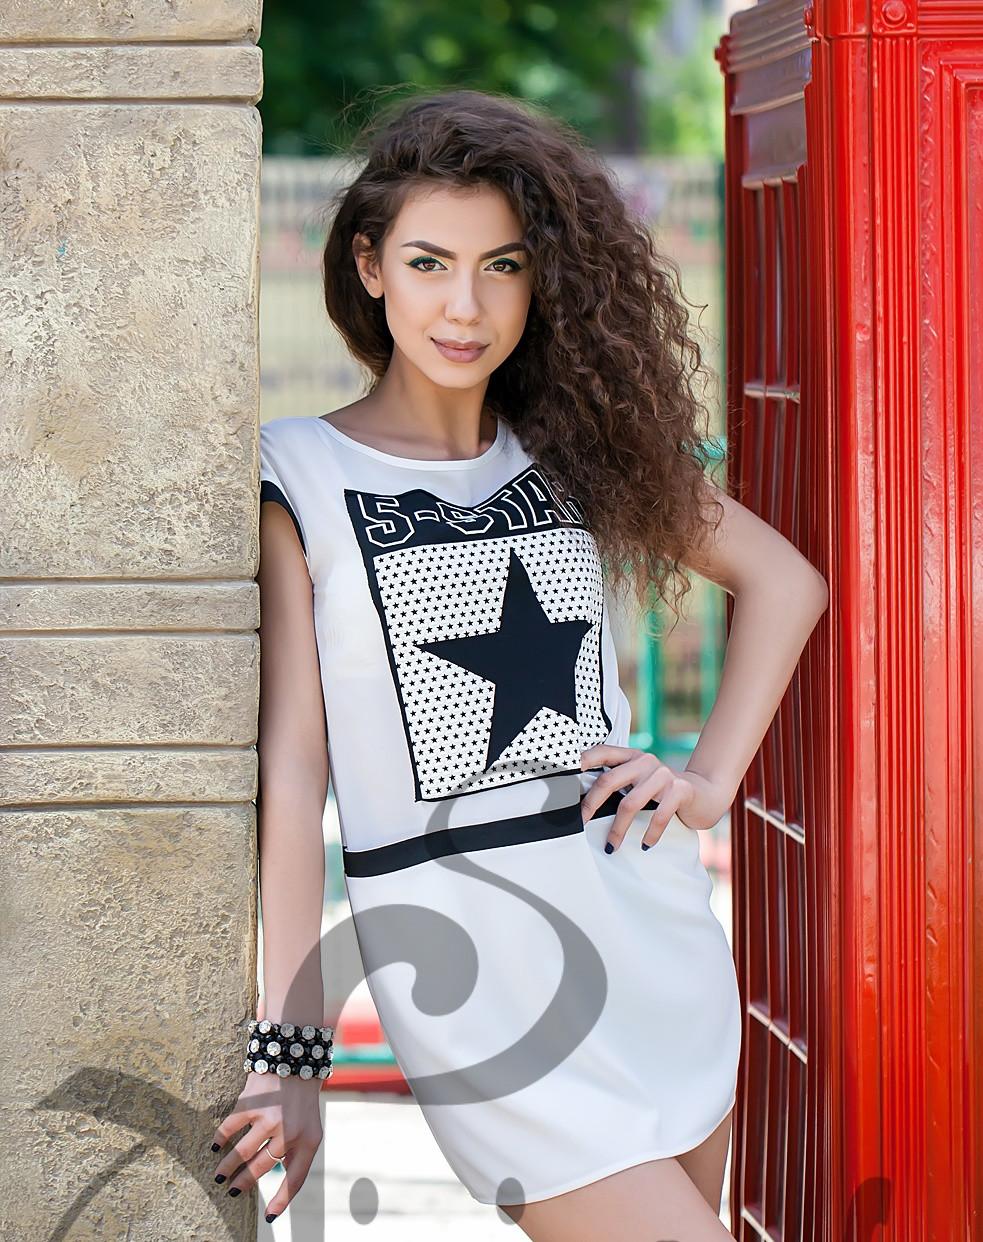 ab14a4c3deaa Летнее легкое платье свободного силуэта СуперСтар - Модный магазин в  Киевской области